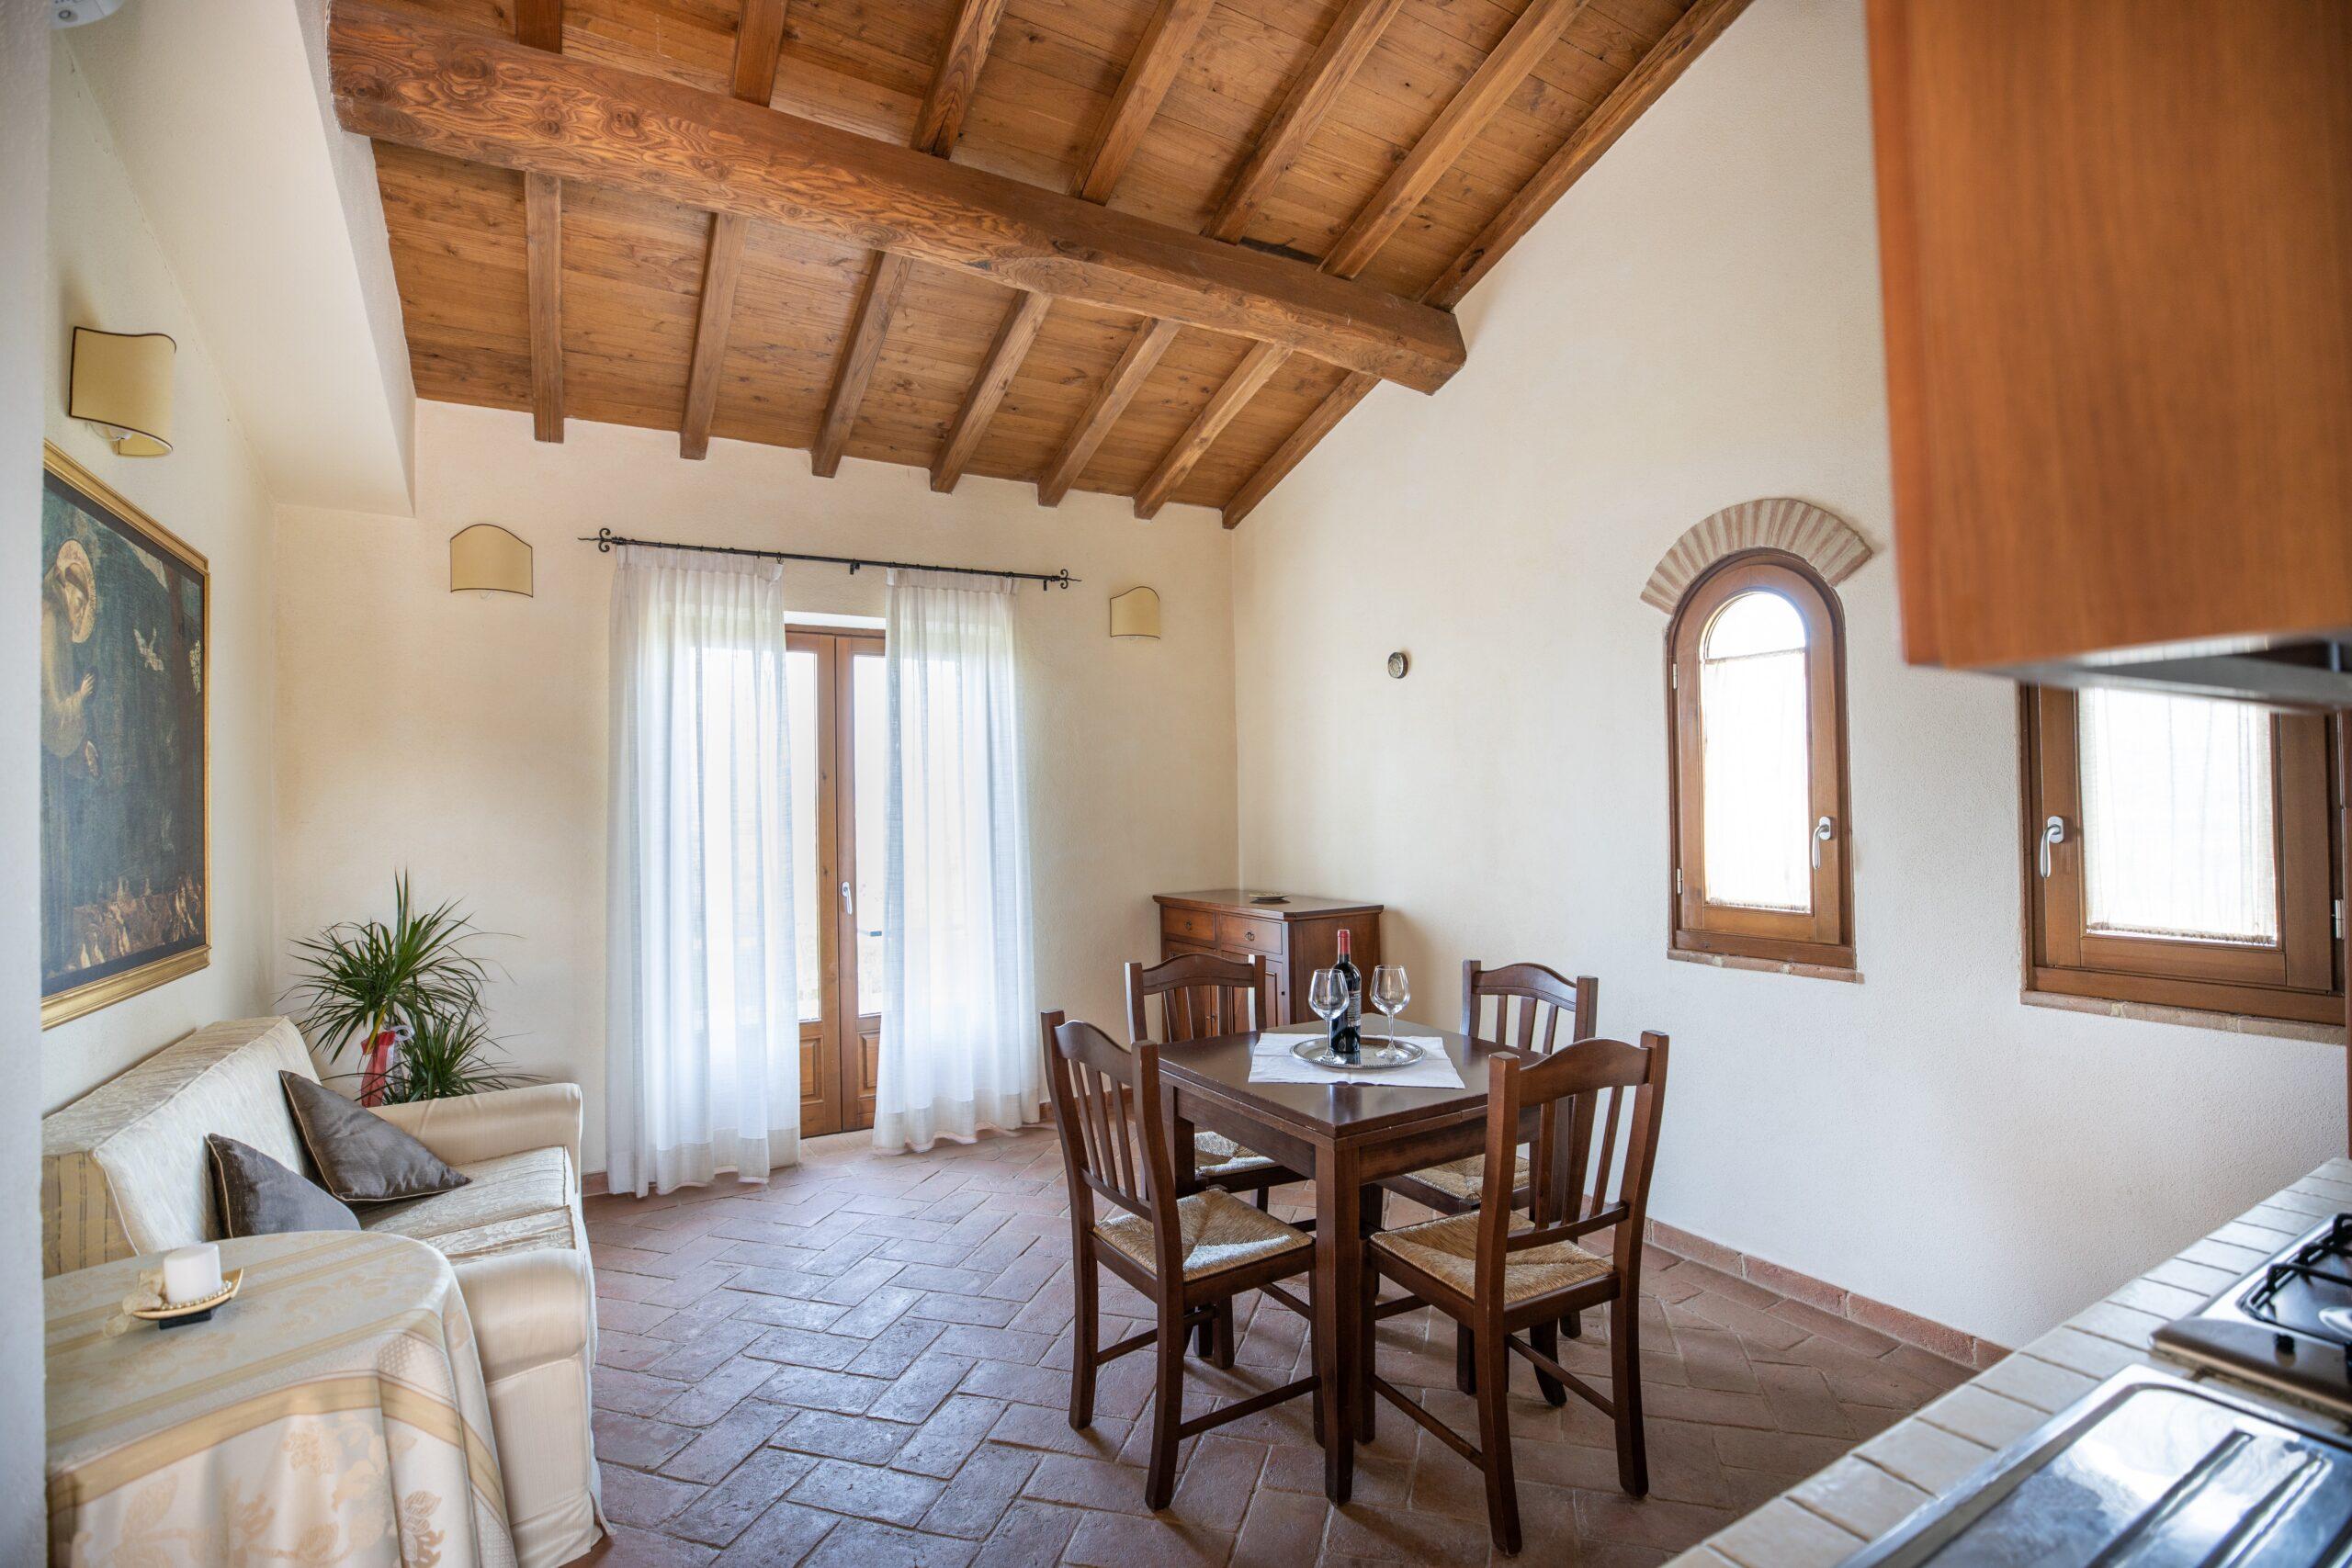 Appartamento con soffitto con travi a vista